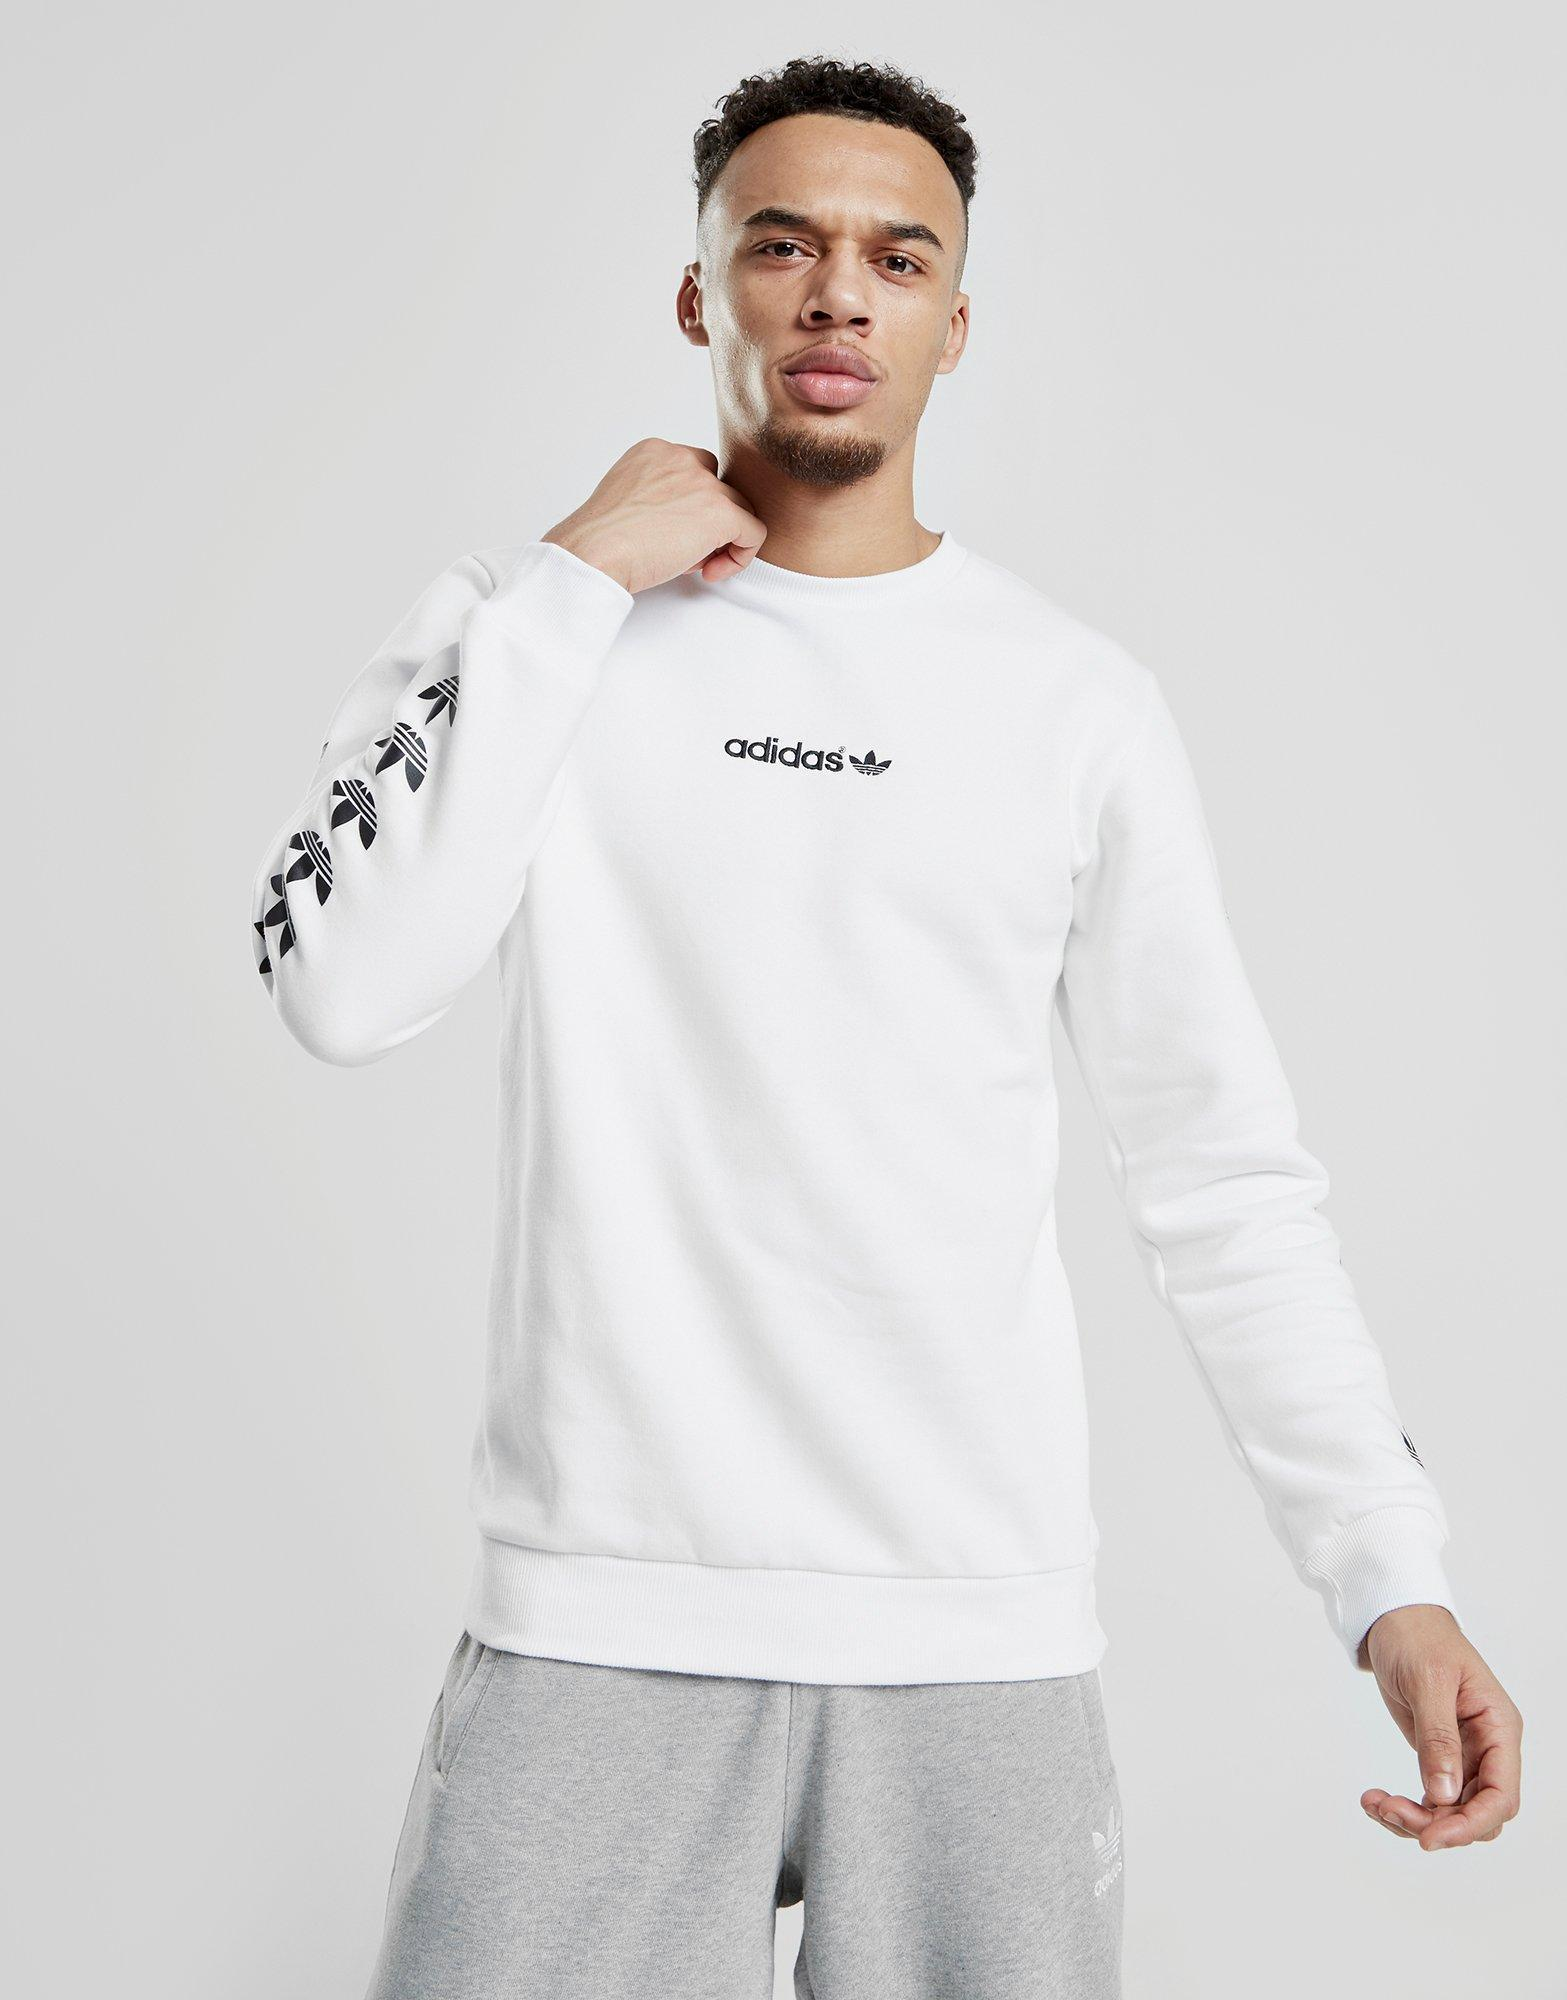 Adidas Originals White Tape Qqr Crew Sweatshirt for men